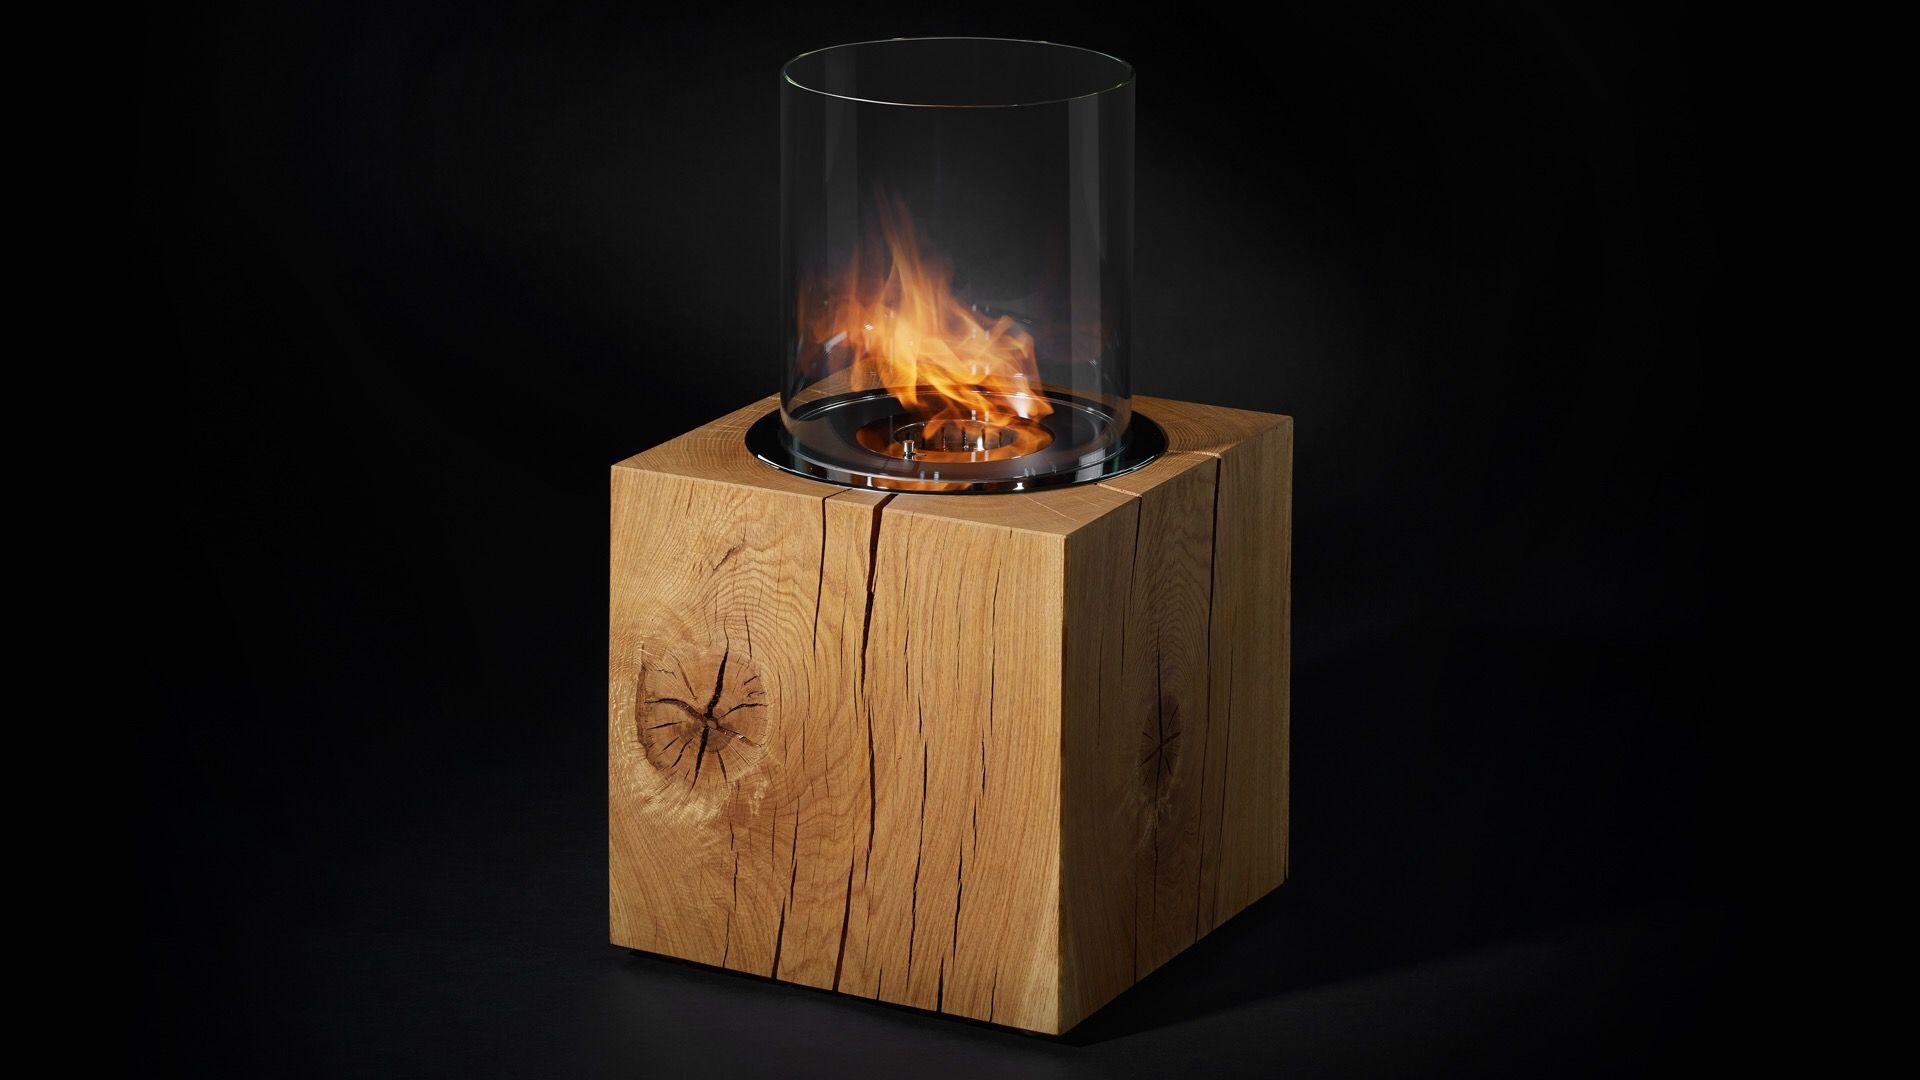 Design Feuerstelle In Kubus Aus Wunderschoner Wildeiche Feuerstelle Kaminfeuer Design